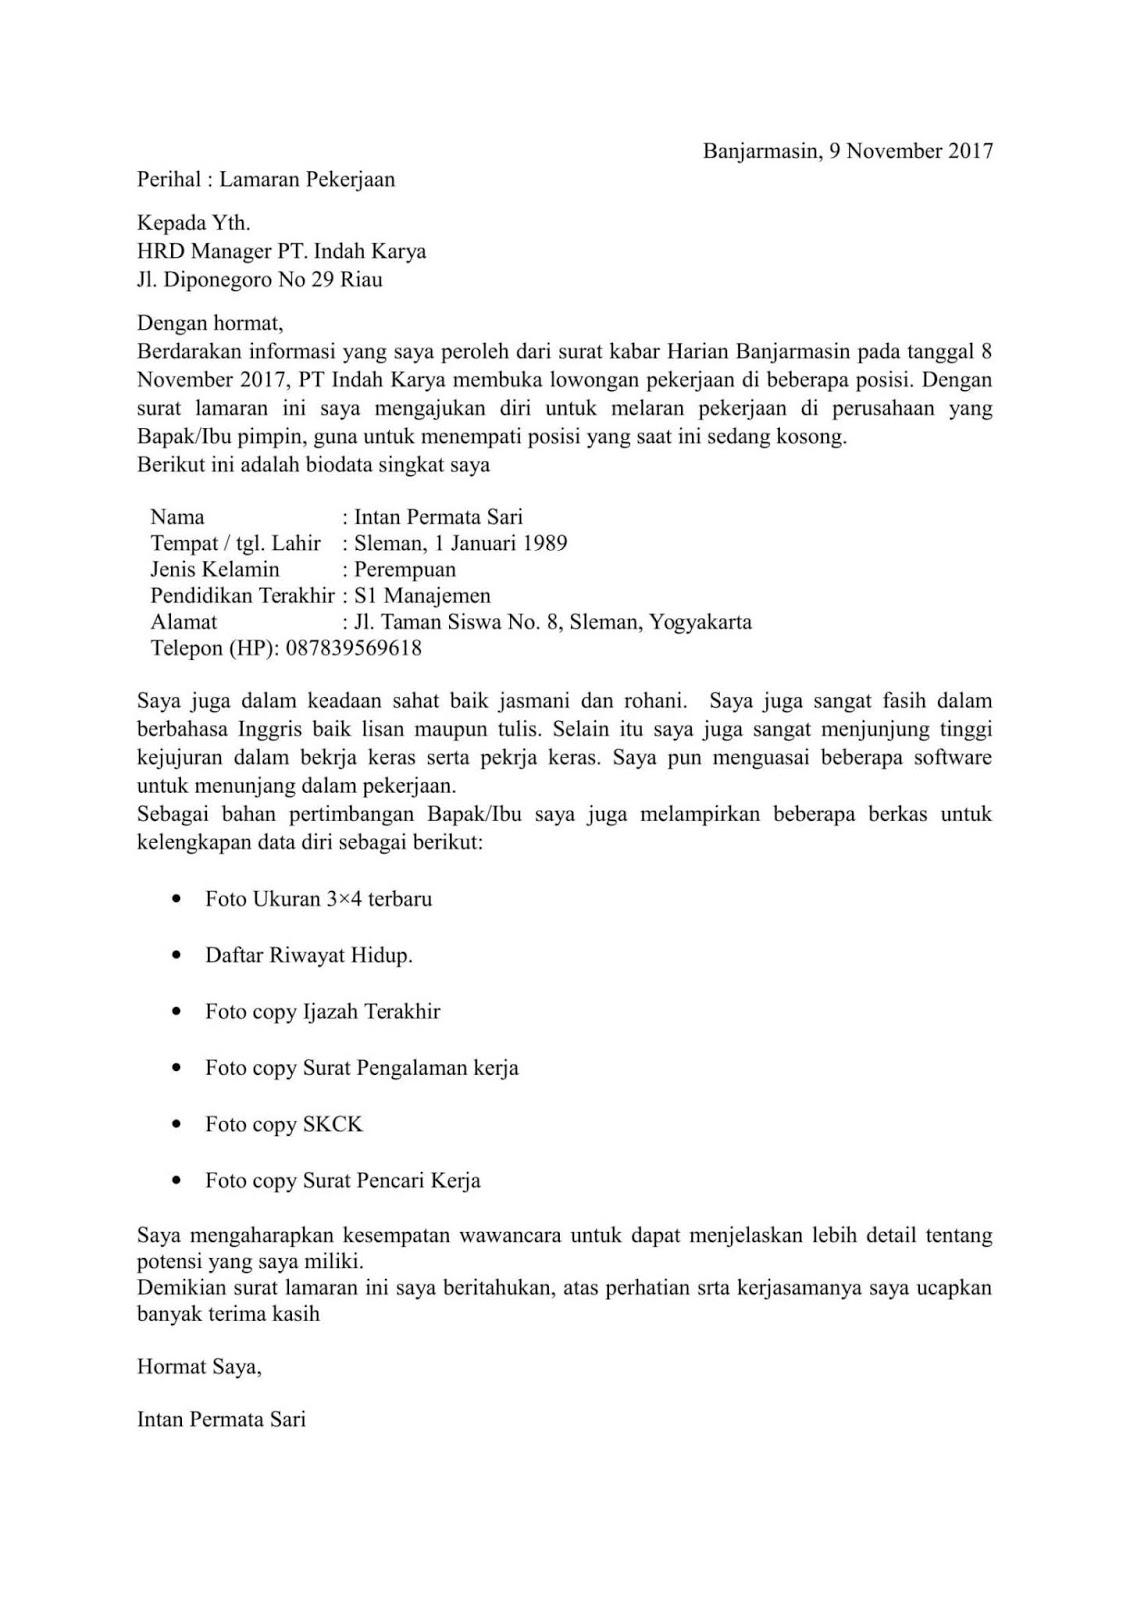 Download Contoh Surat Lamaran Kerja Pdf Doc Terbaik 2020 Saungsurat